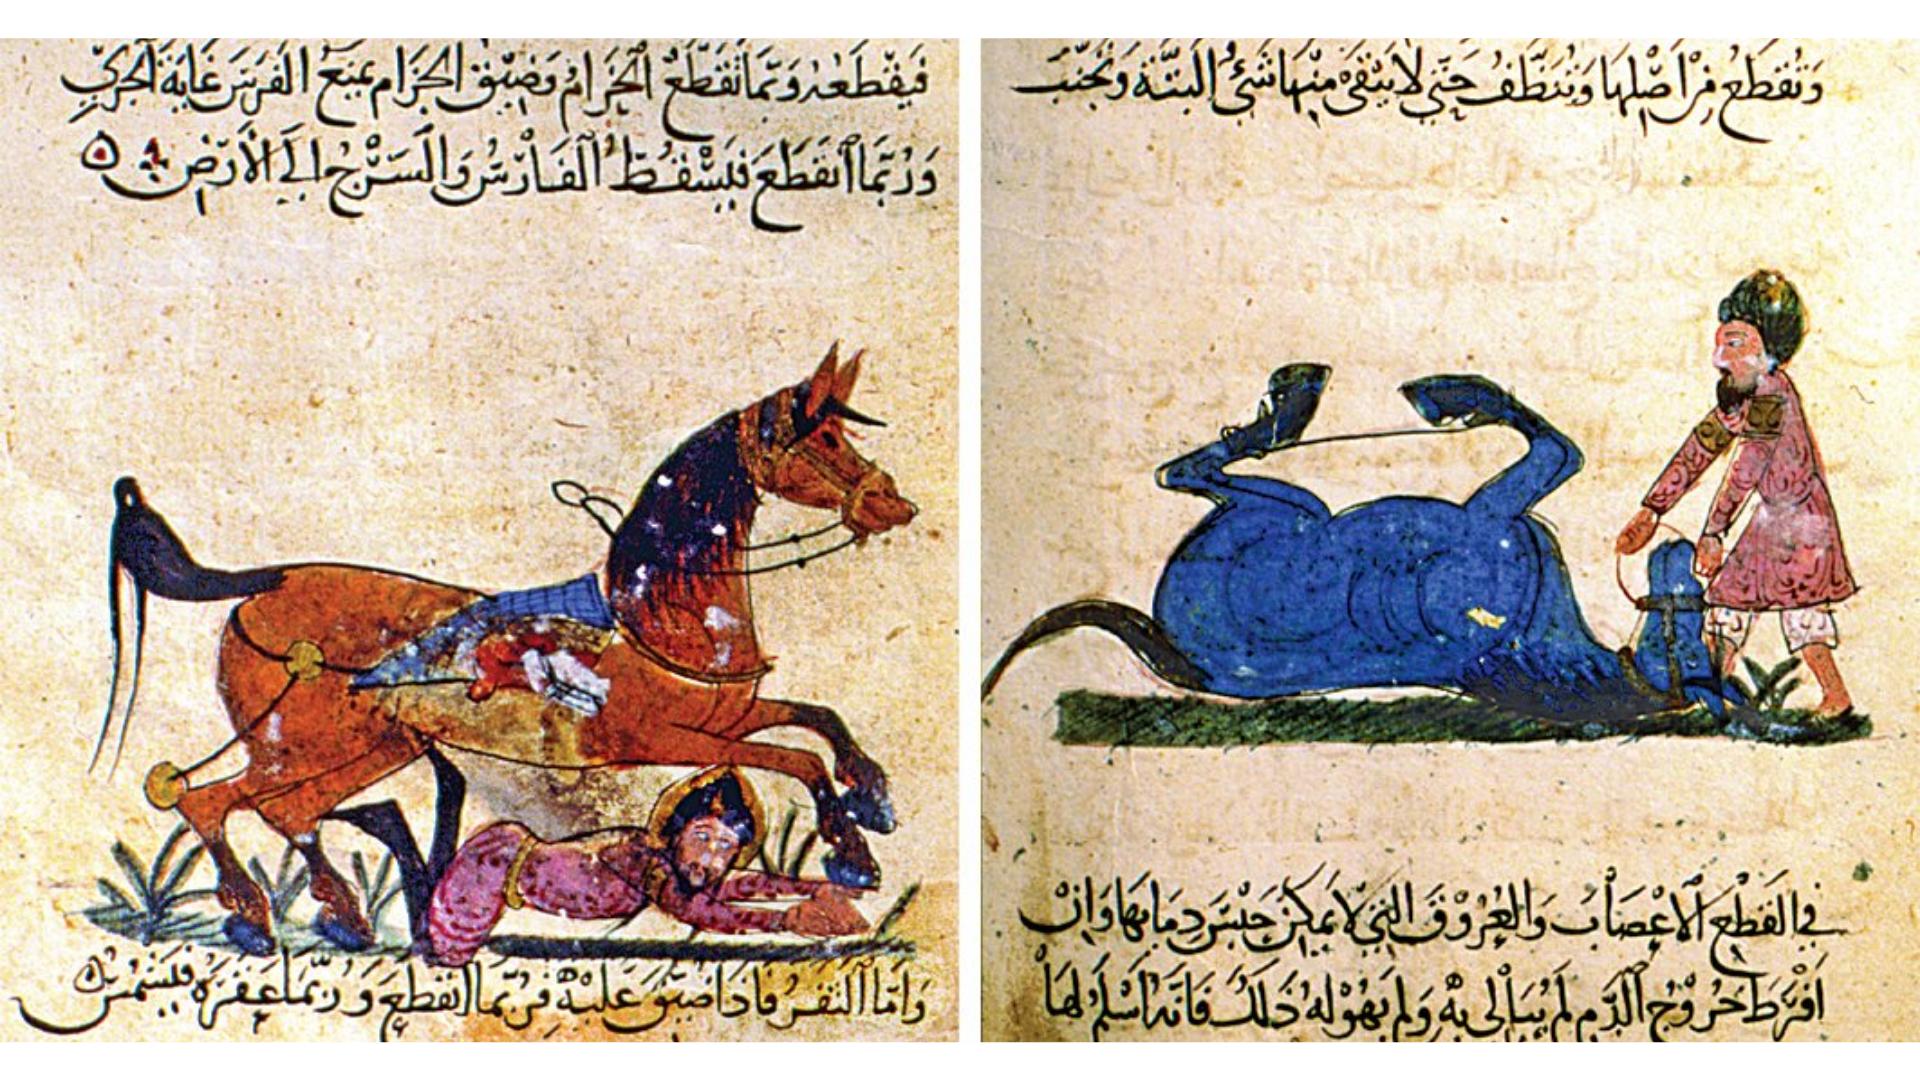 Eski zamanlarda at eğiticiliği yapan kişilerin görseli.